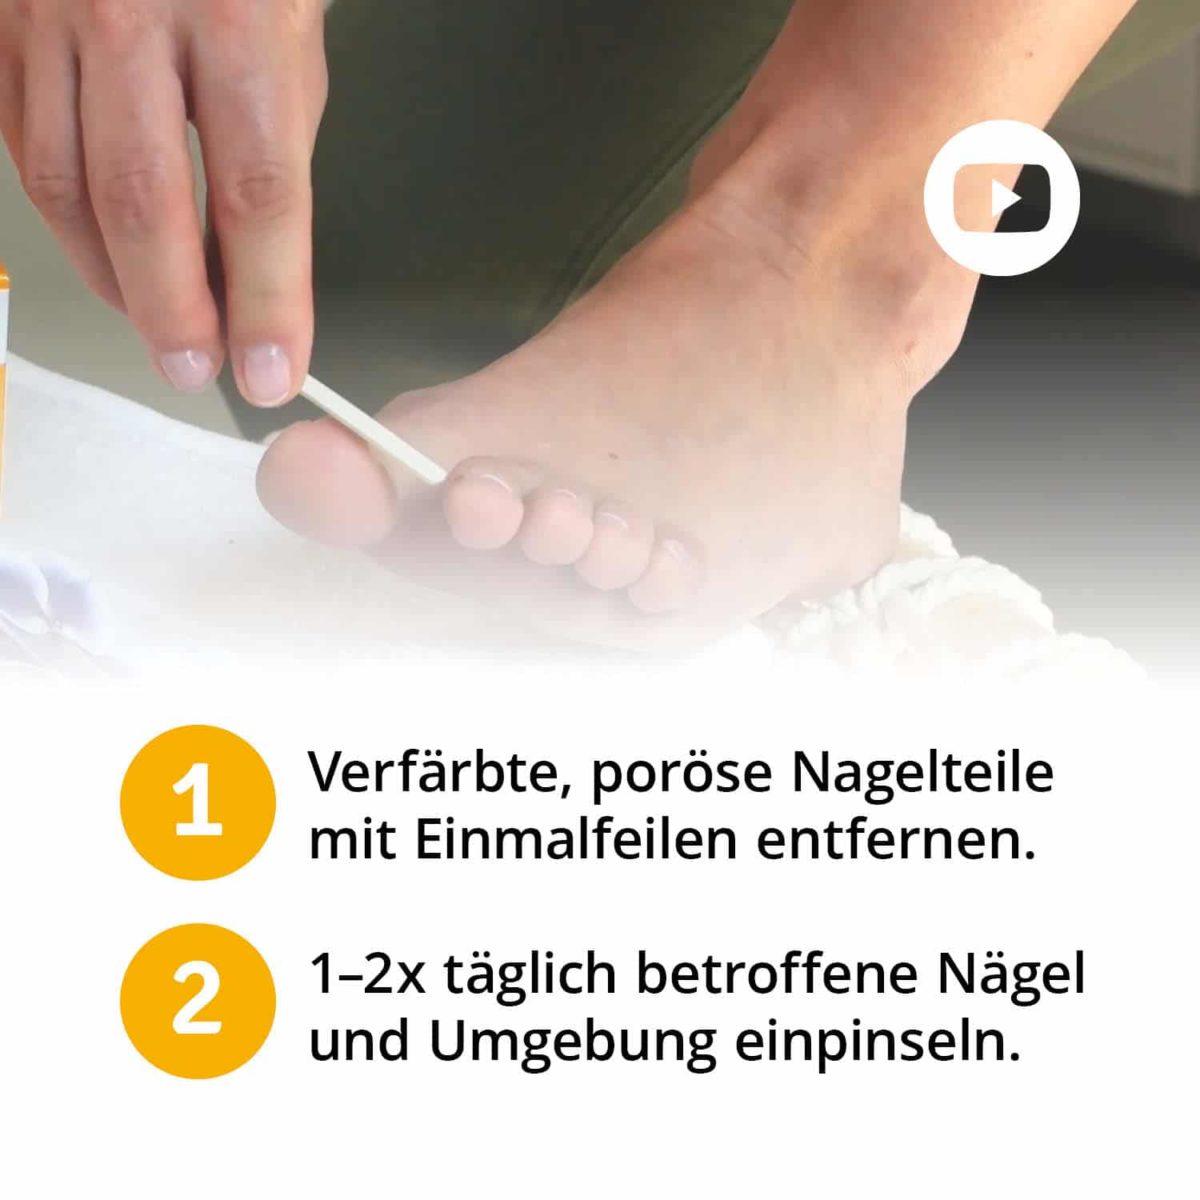 Casida Set Apotheke Nagelöl Fußspray Rabatt Bundle PZN 10022445 10751322 Nagelpilz pflanzlich Natürlich Gesundheitsprodukte6